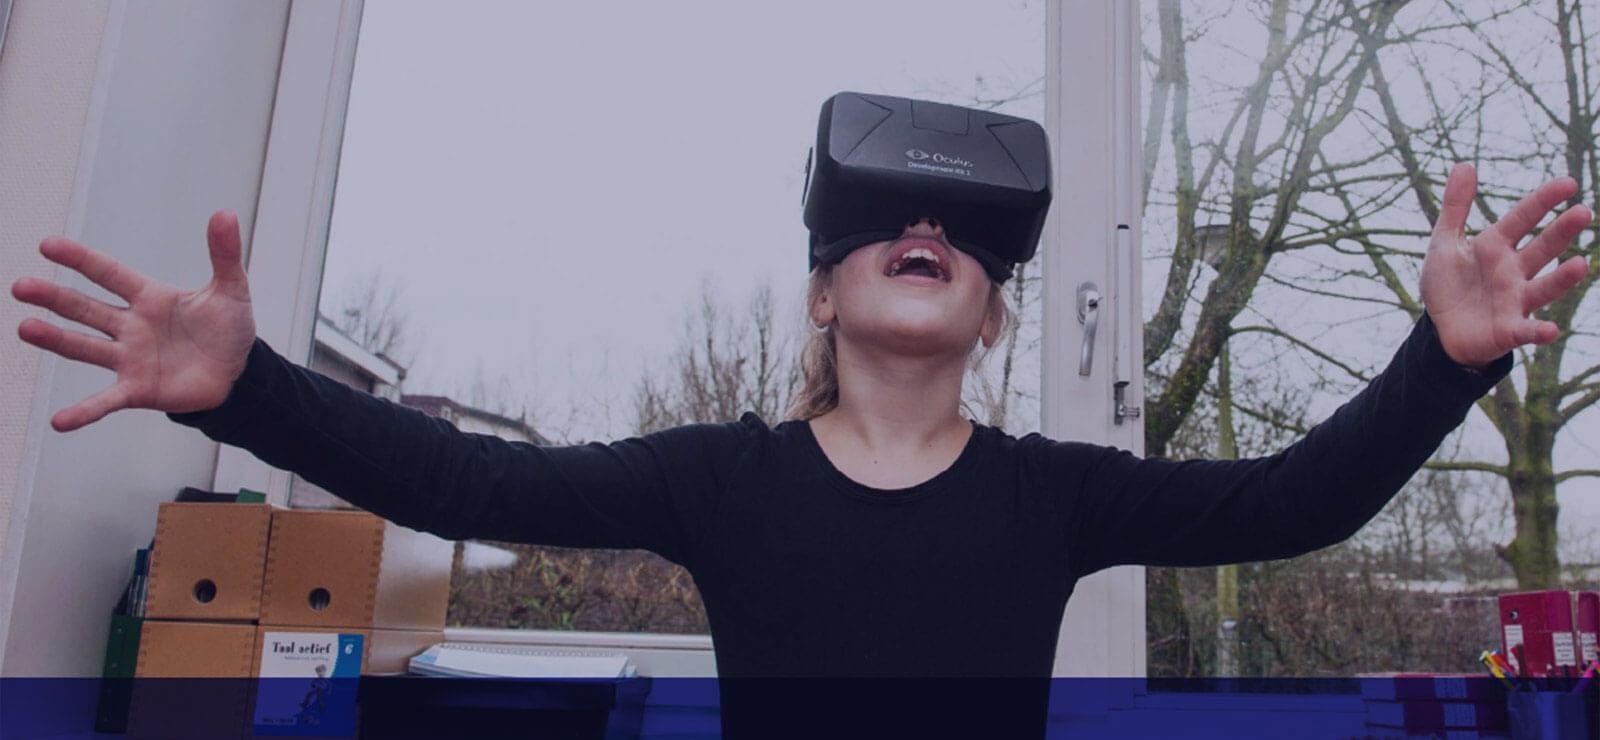 VR in de klas helpt lesstof beleven